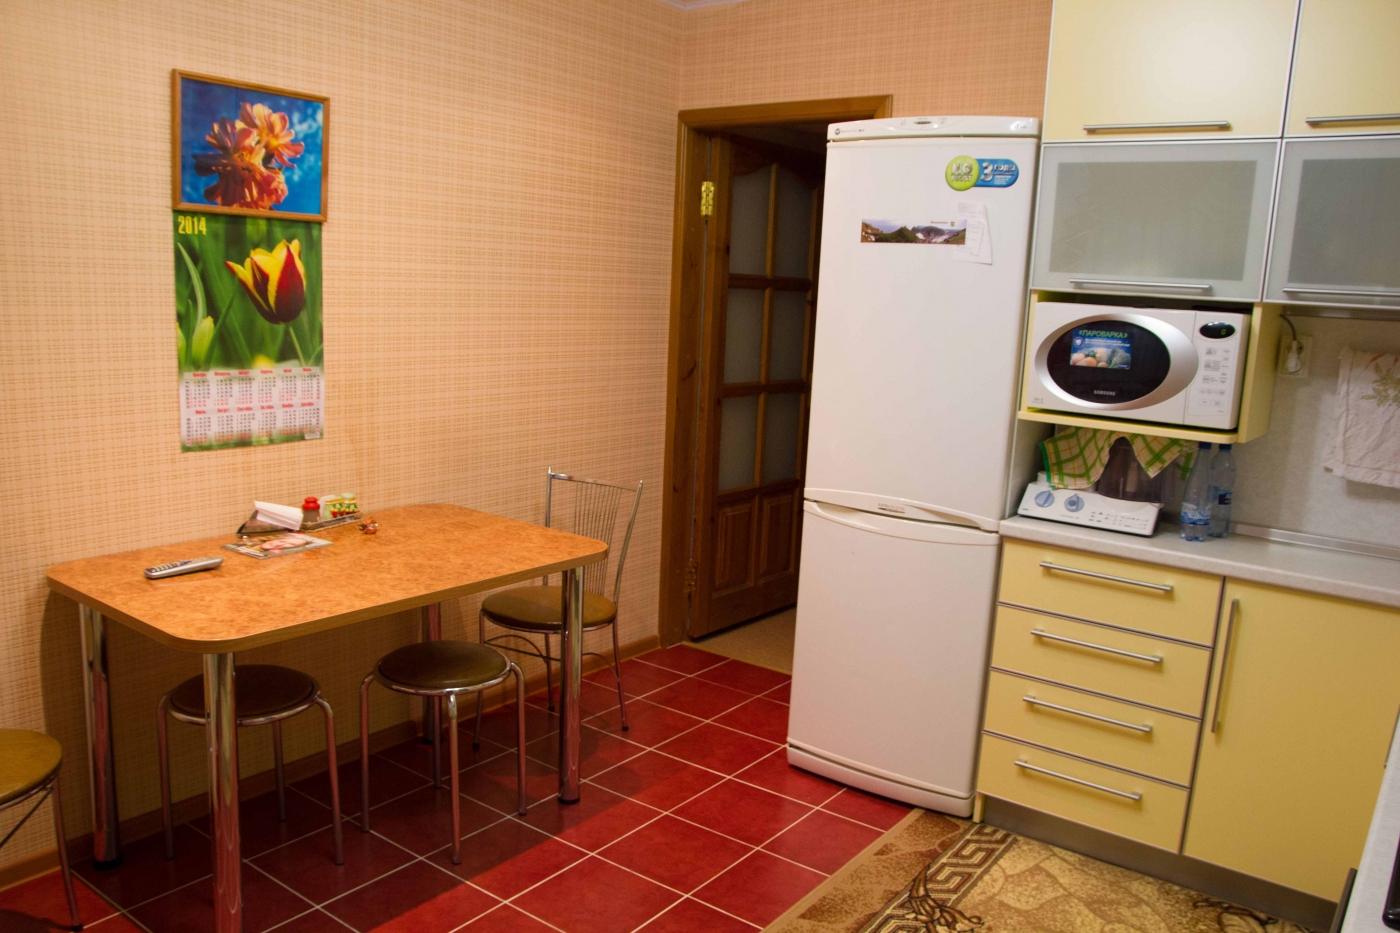 Г-образная желтая кухня 12 кв.м с выходом на балкон (14 фото.